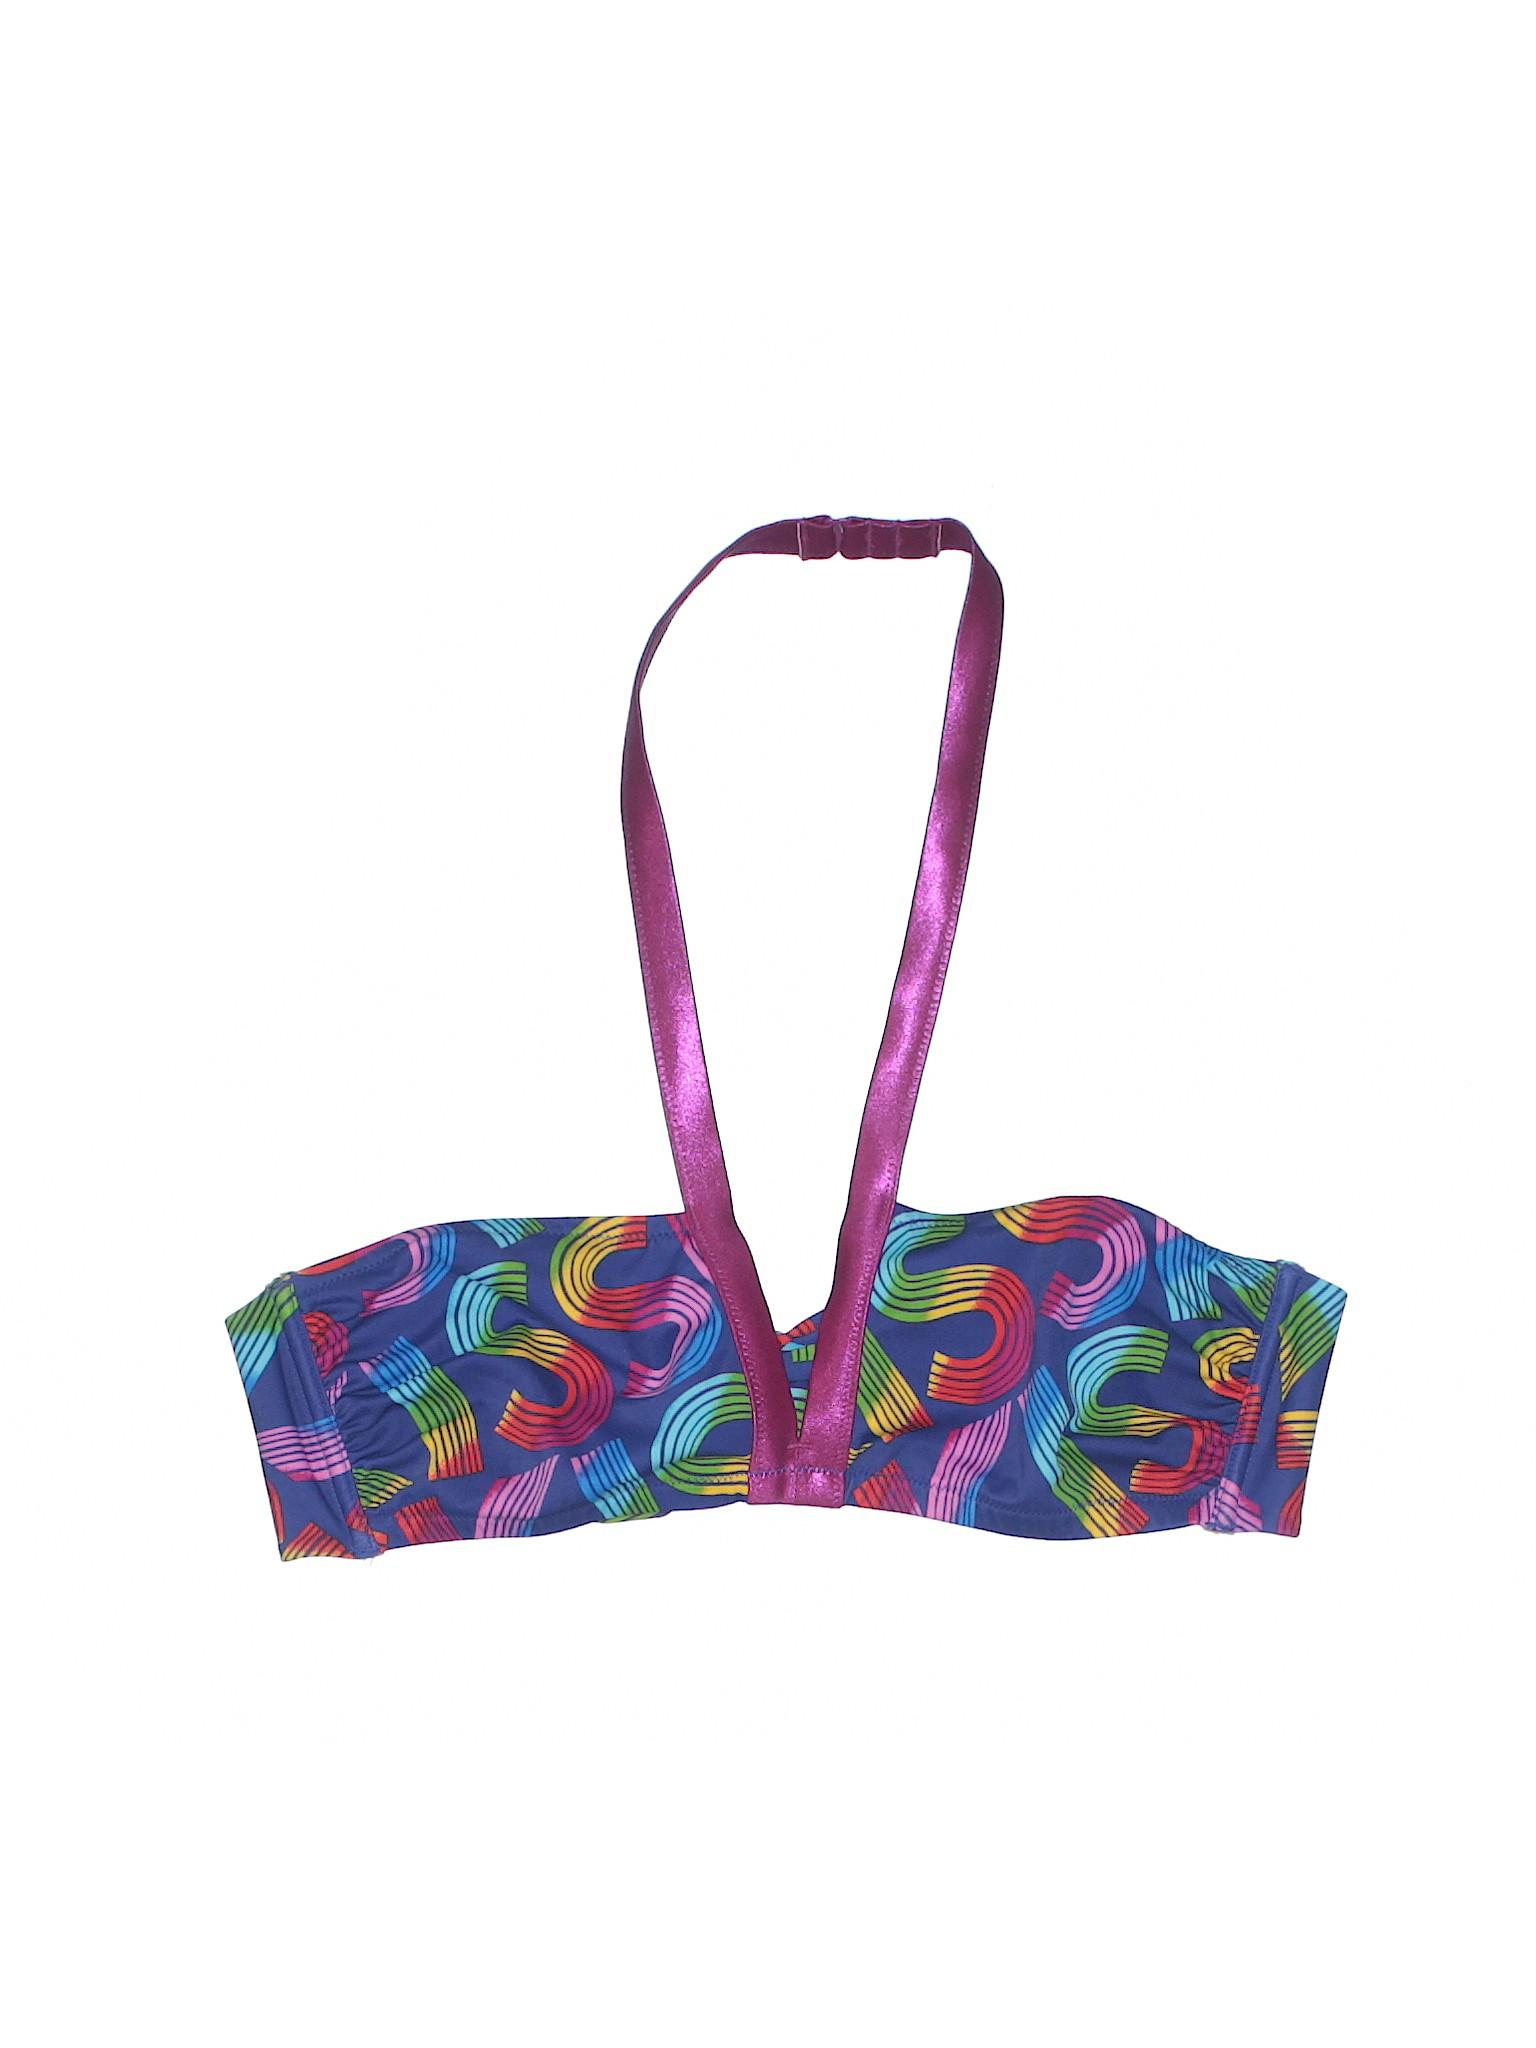 Victoria's Boutique Boutique Victoria's Top Swimsuit Secret Secret Top Swimsuit qCvEwpw